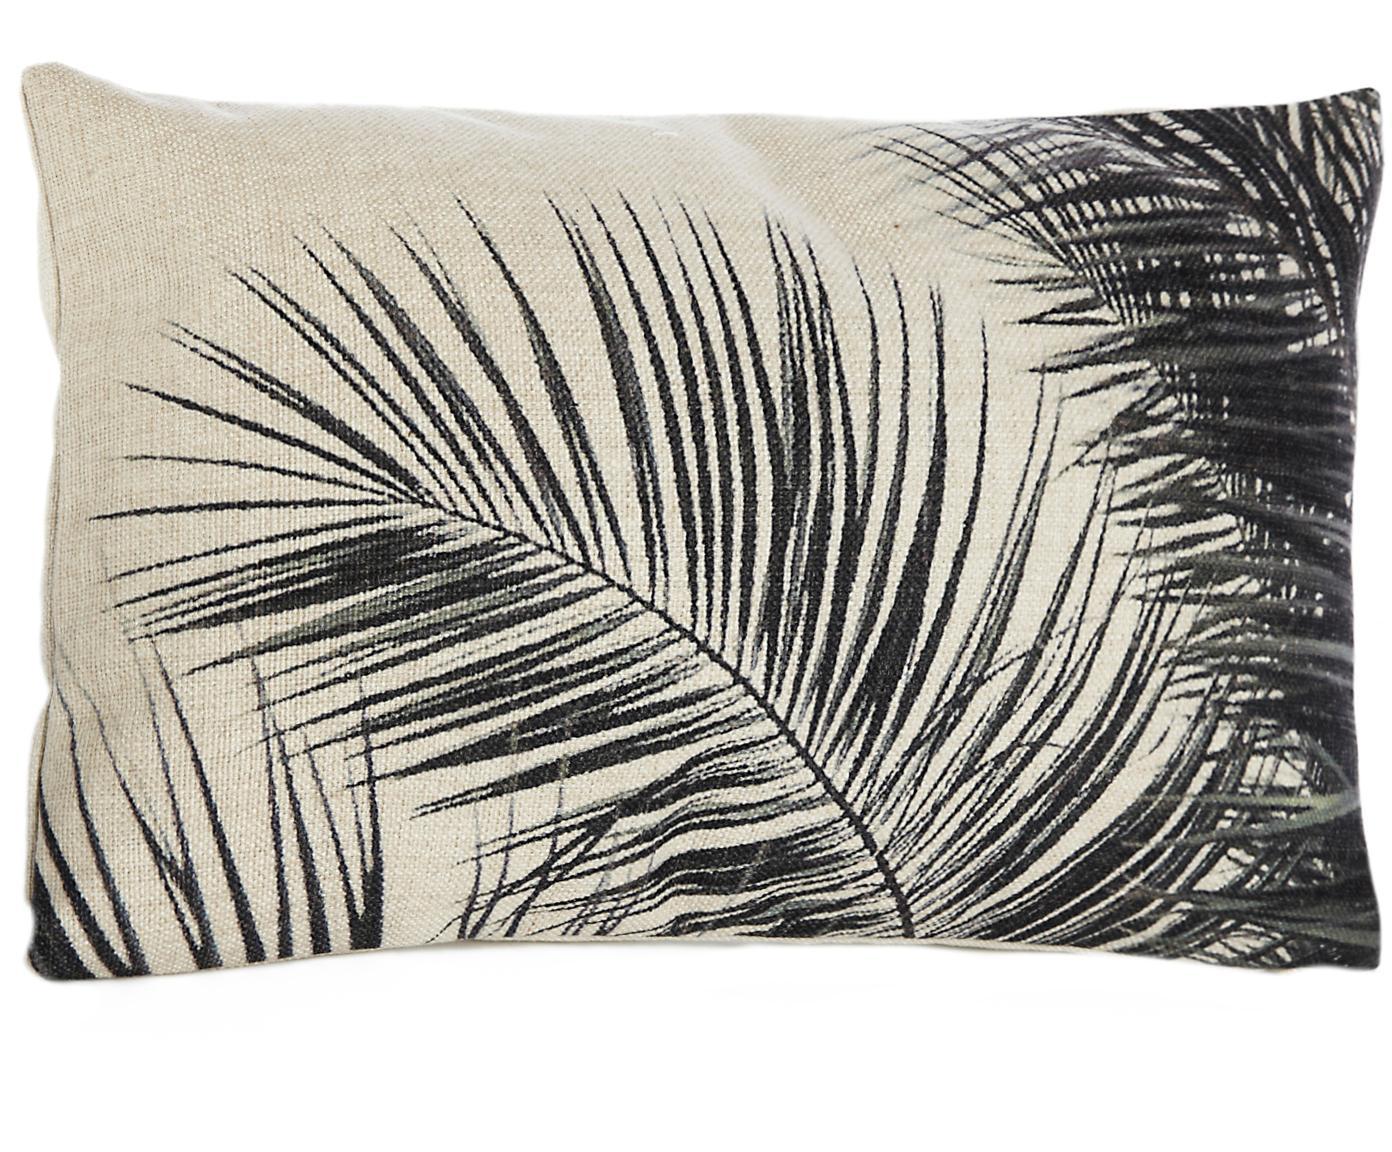 Kissenhülle Pesja mit Blattmuster, 85% Polyester, 15% Baumwolle, Creme, Schwarz, 30 x 50 cm